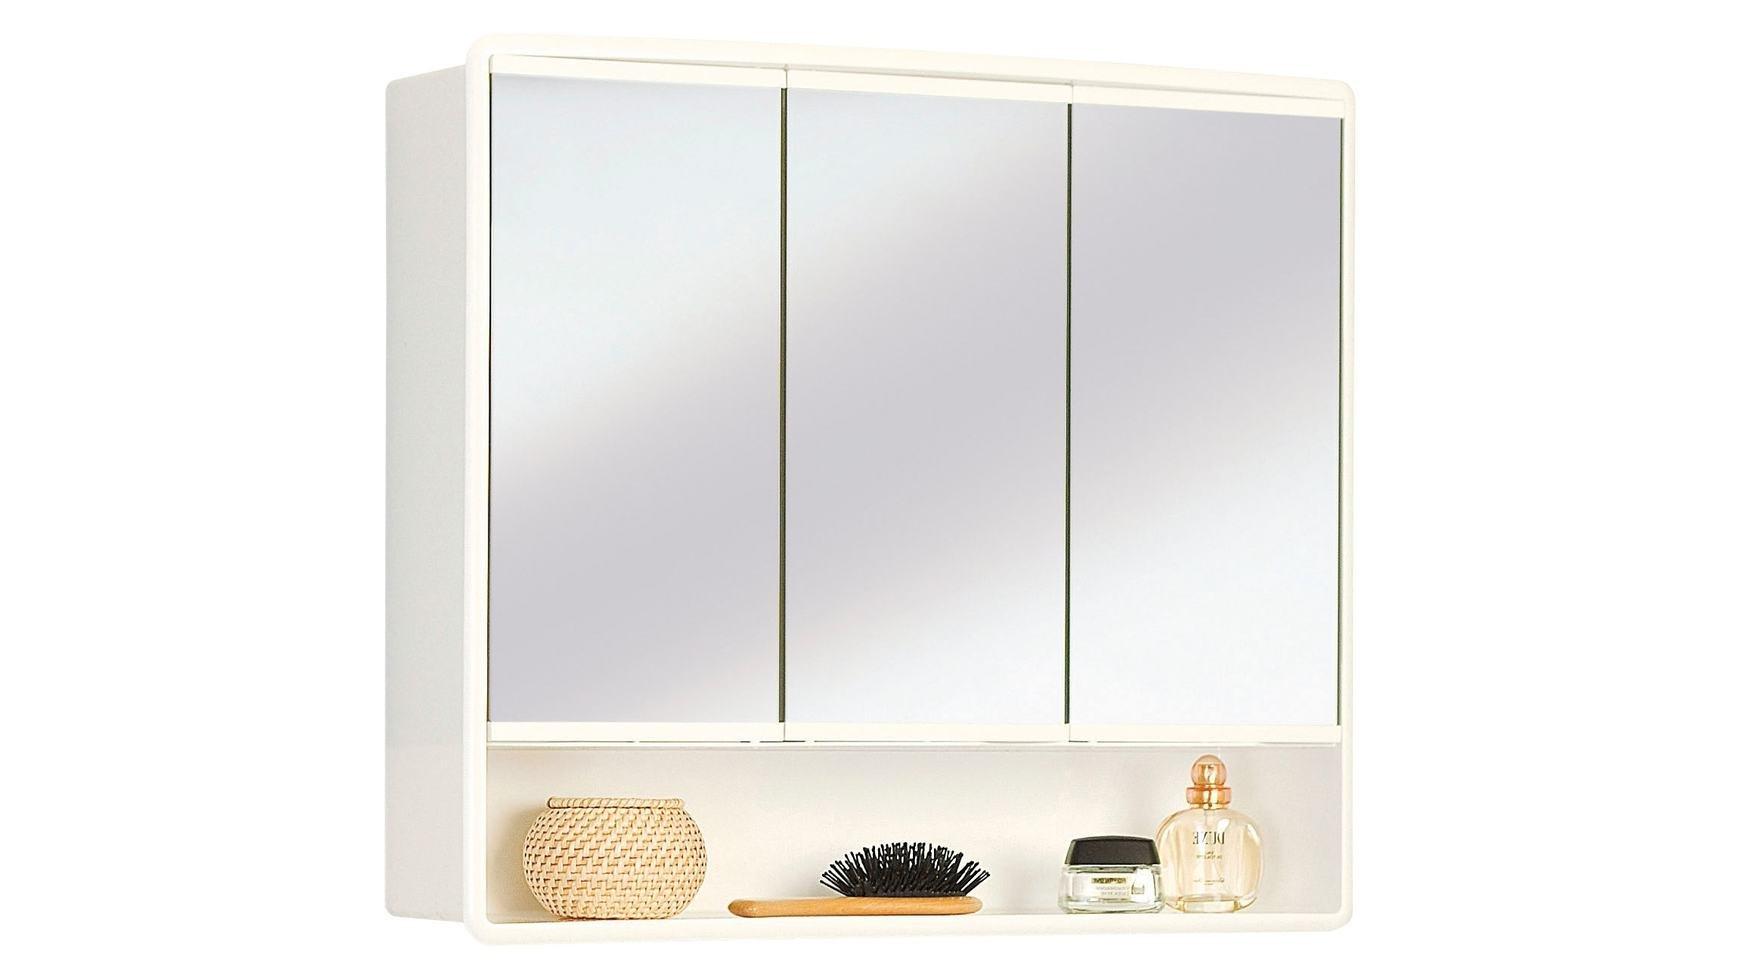 JOKEY armario con espejo Lymo - ancho 59 cm - blanco – Espejo de baño product